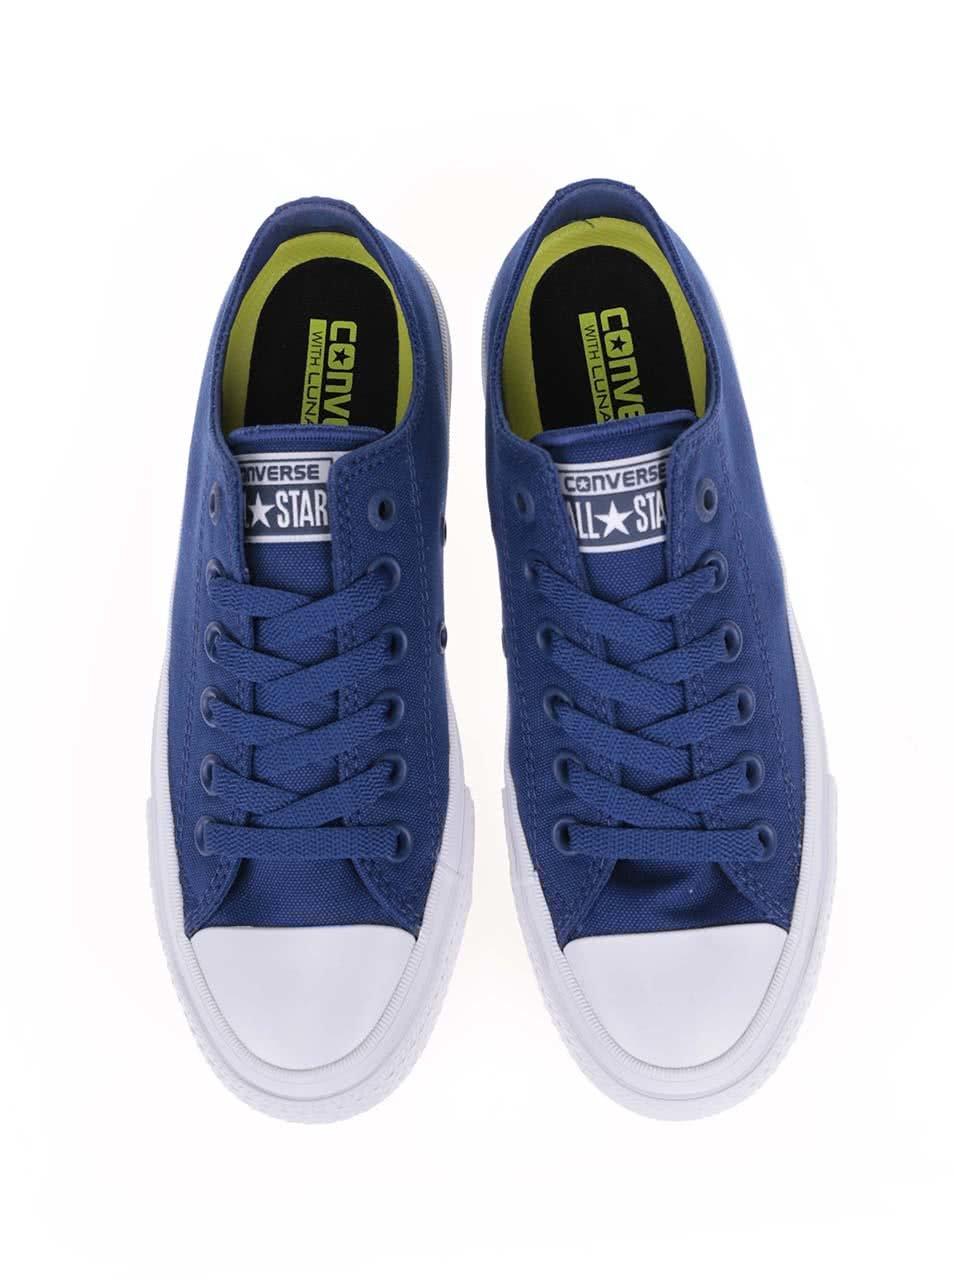 fd37e5410e5 Bílo-modré unisex tenisky Converse Chuck Taylor All Star II ...